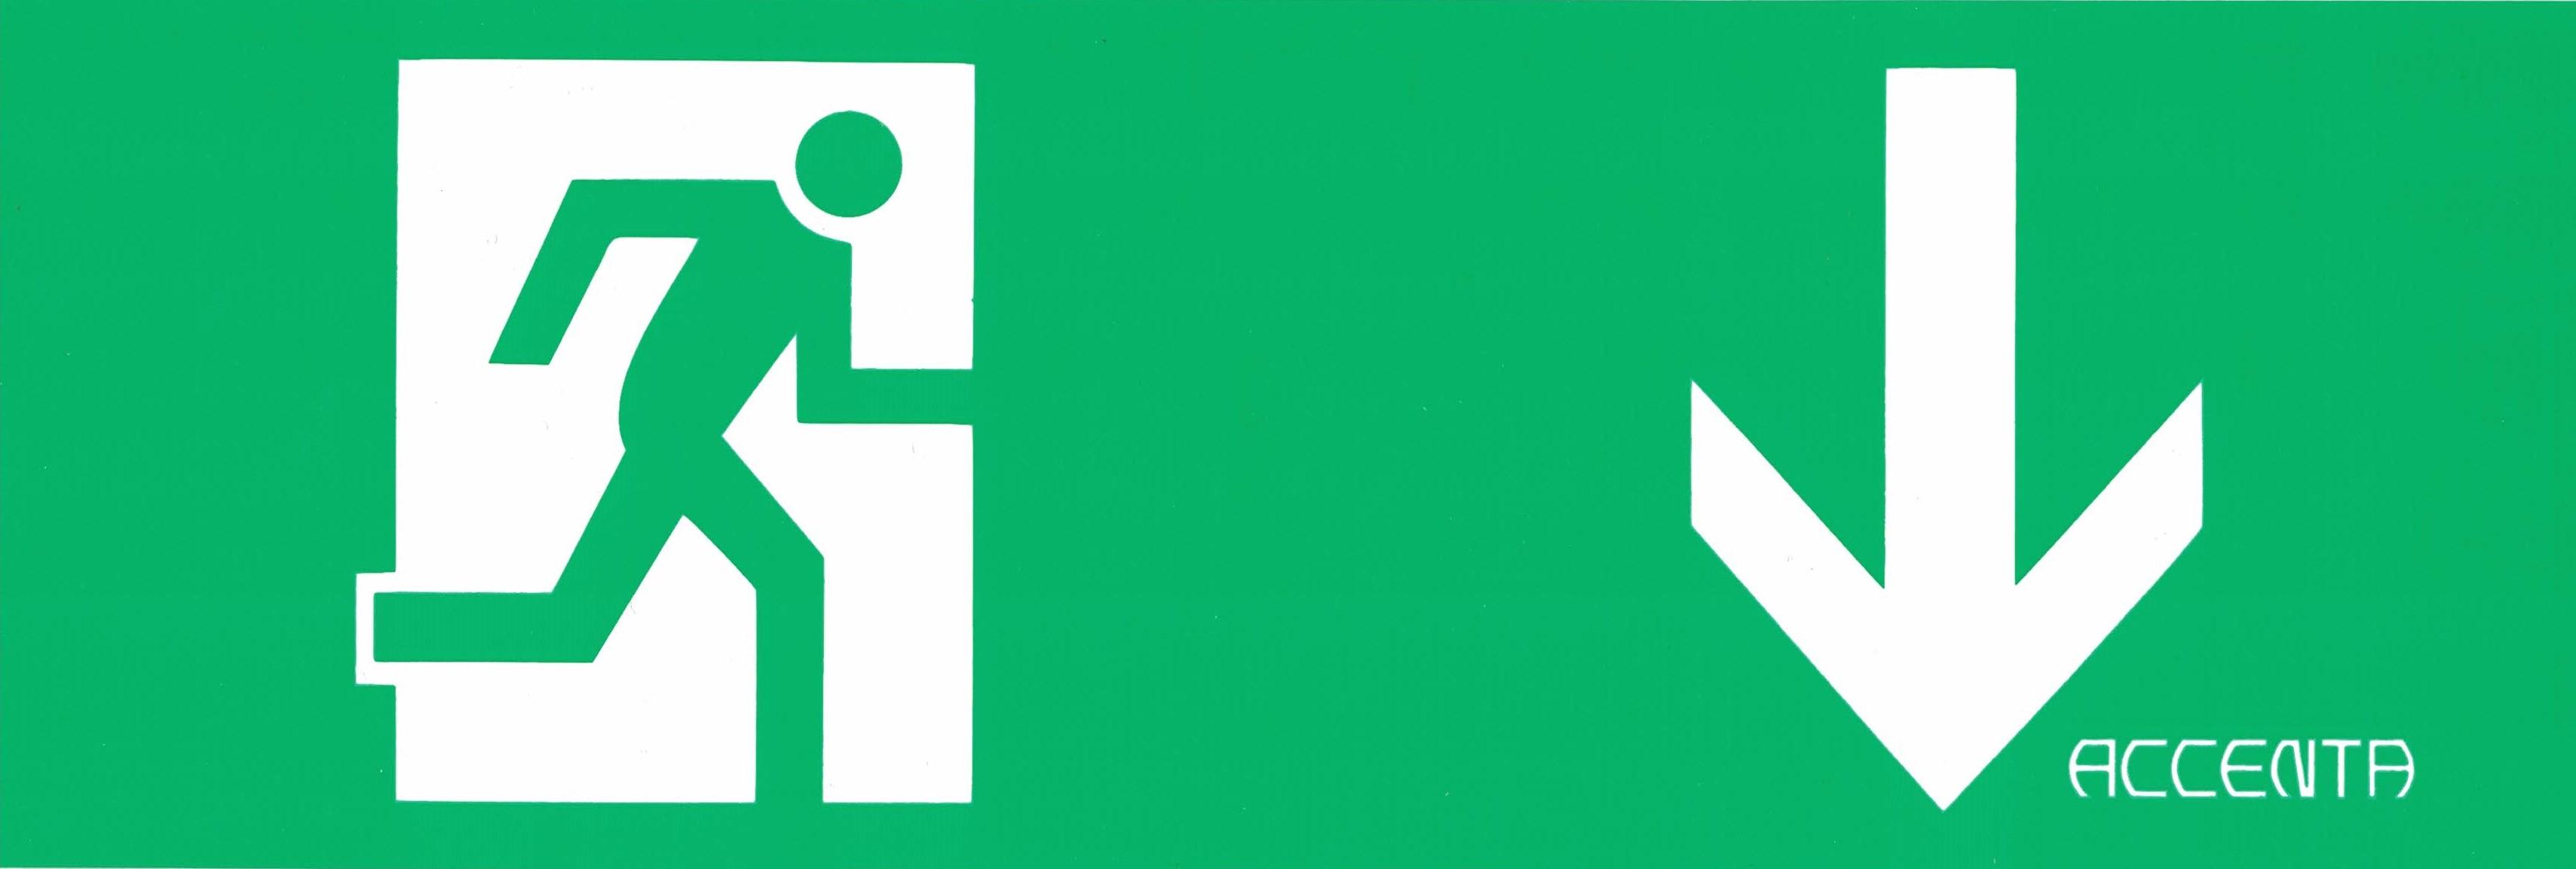 Pictogram 300x100 mm pil ner 16-7200-15        20180130